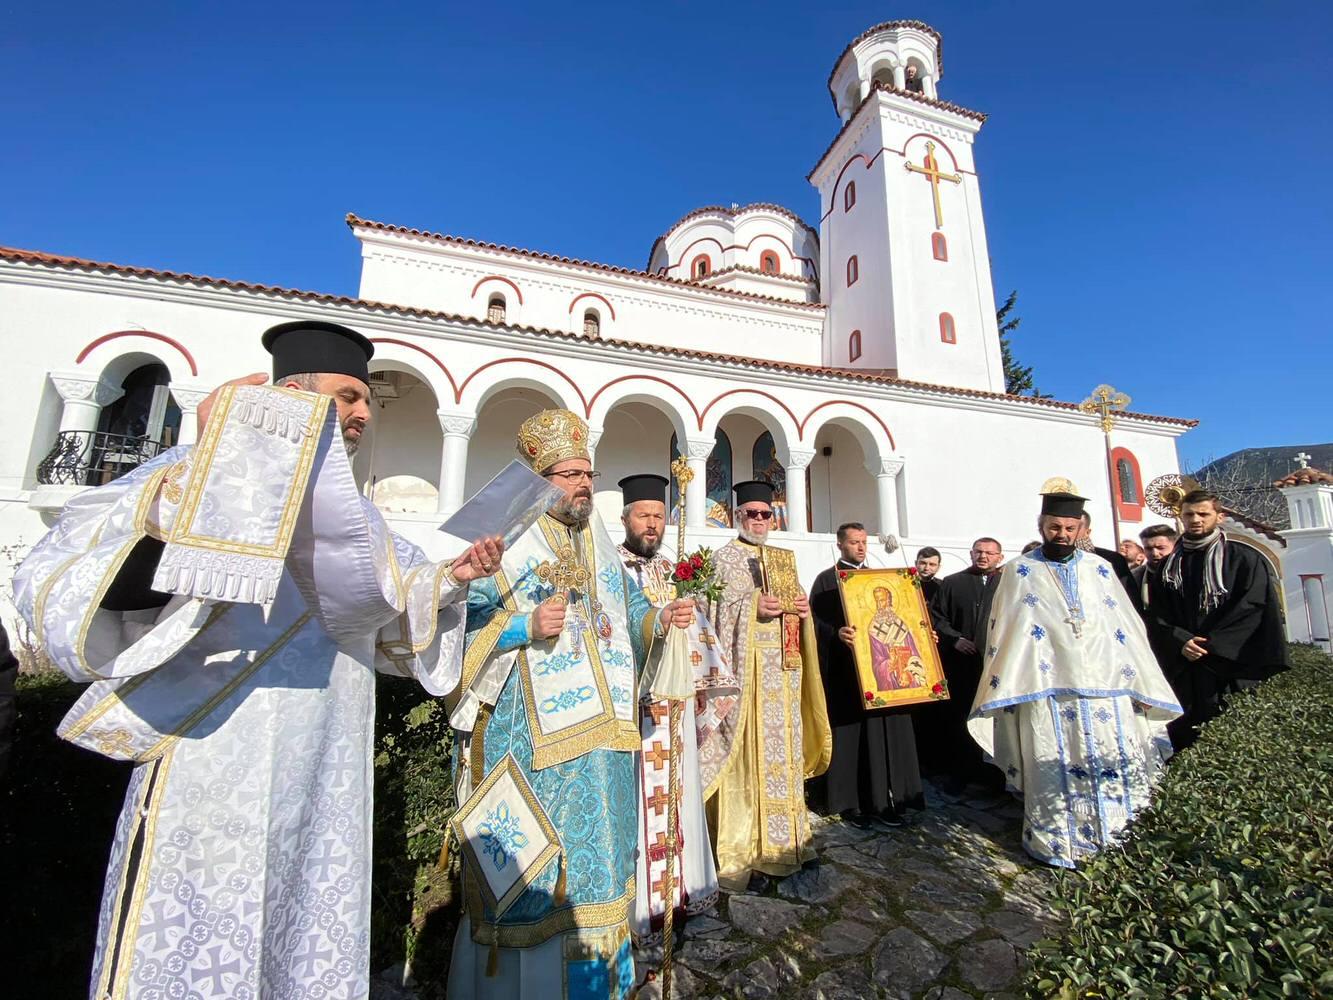 εορτή Αγίου Αθανασίου Μητρόπολη Ελμπασάν Αλβανίας 2021